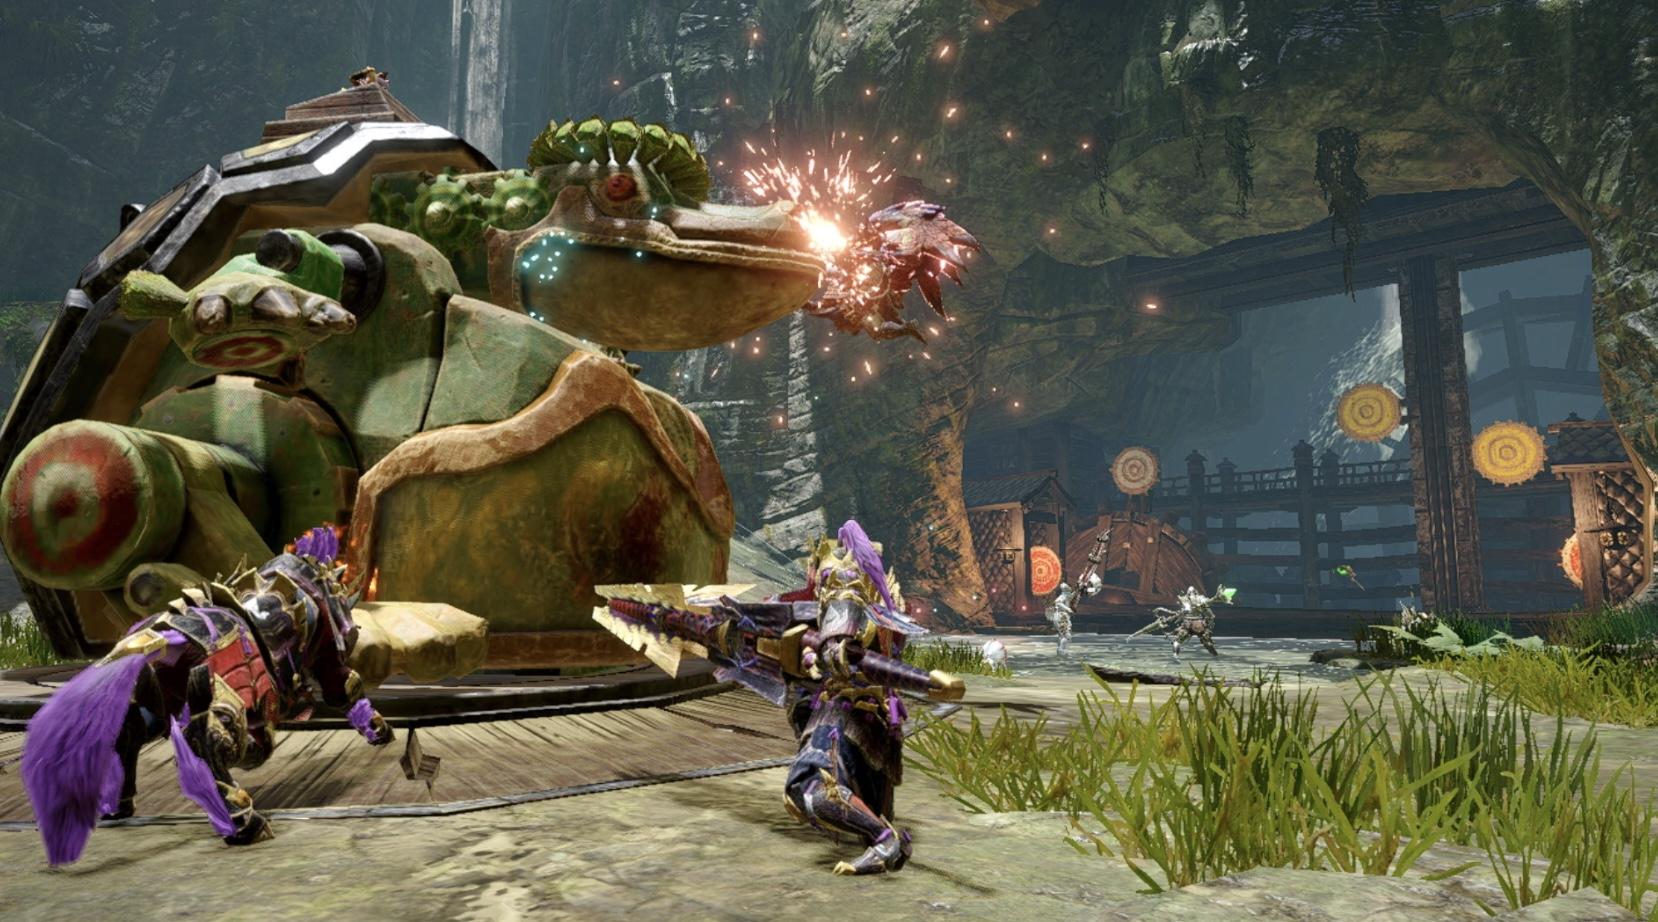 Bludgeoner Skill Effect in Monster Hunter Rise